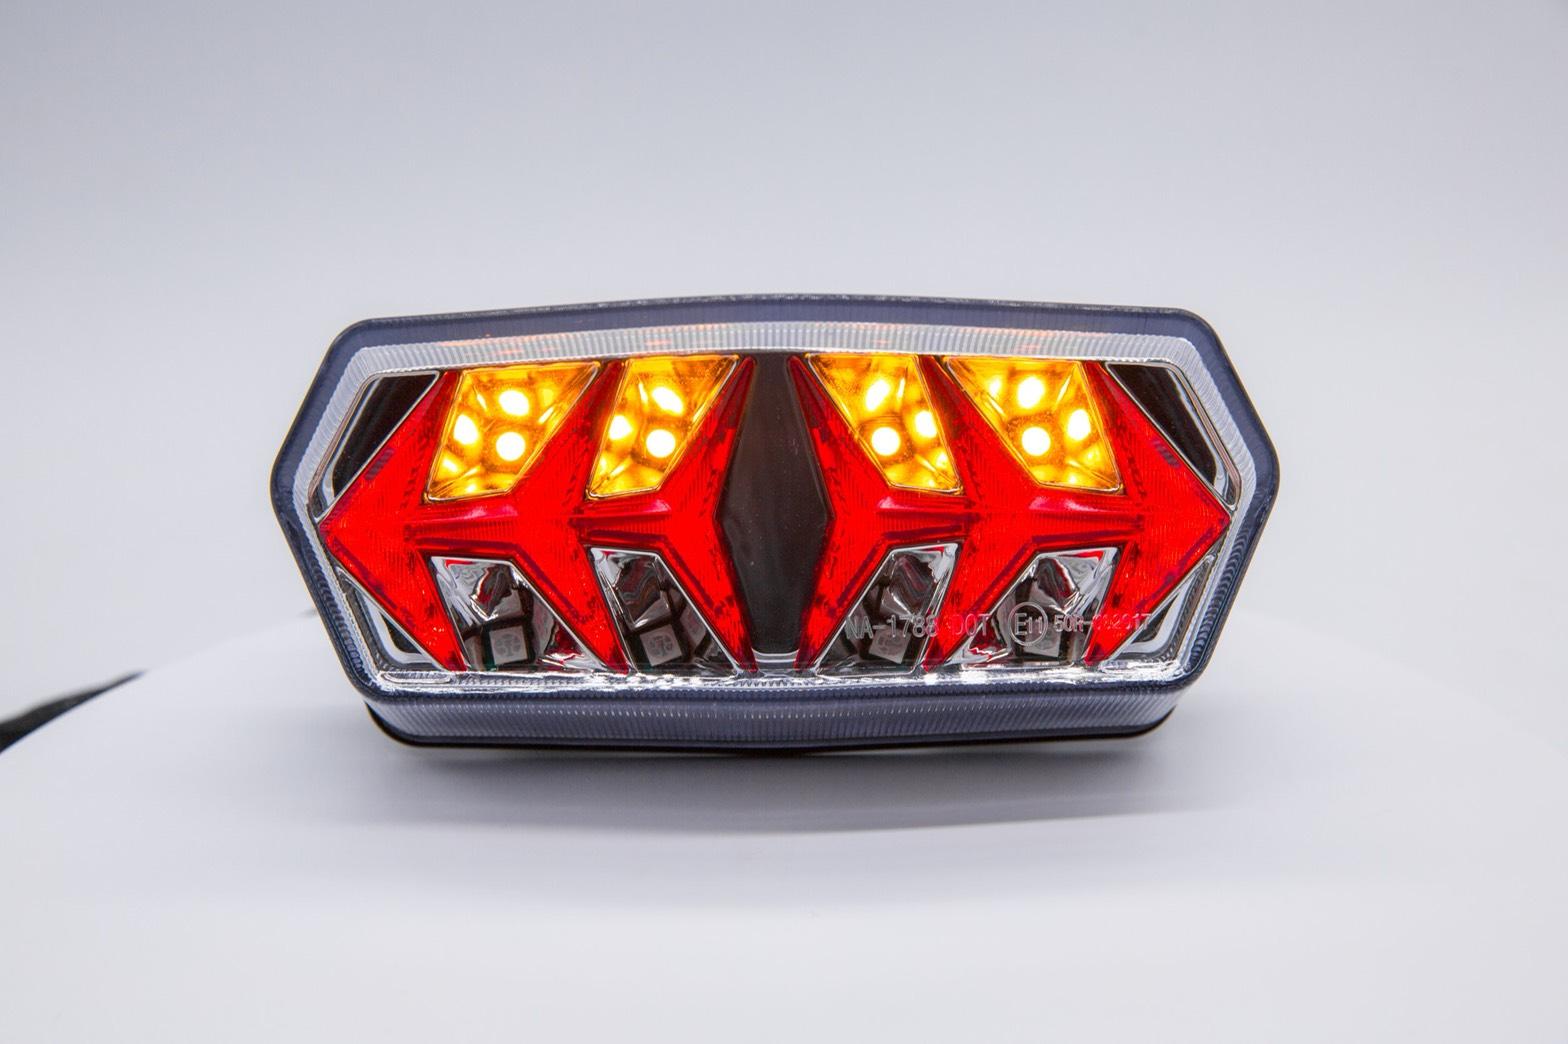 ไฟท้าย Msx Lambo ใส่MSX 125 MSX SF GPX DEMON ใส่รถ CB650F CB150R แปลงปลั๊ก ราคา550